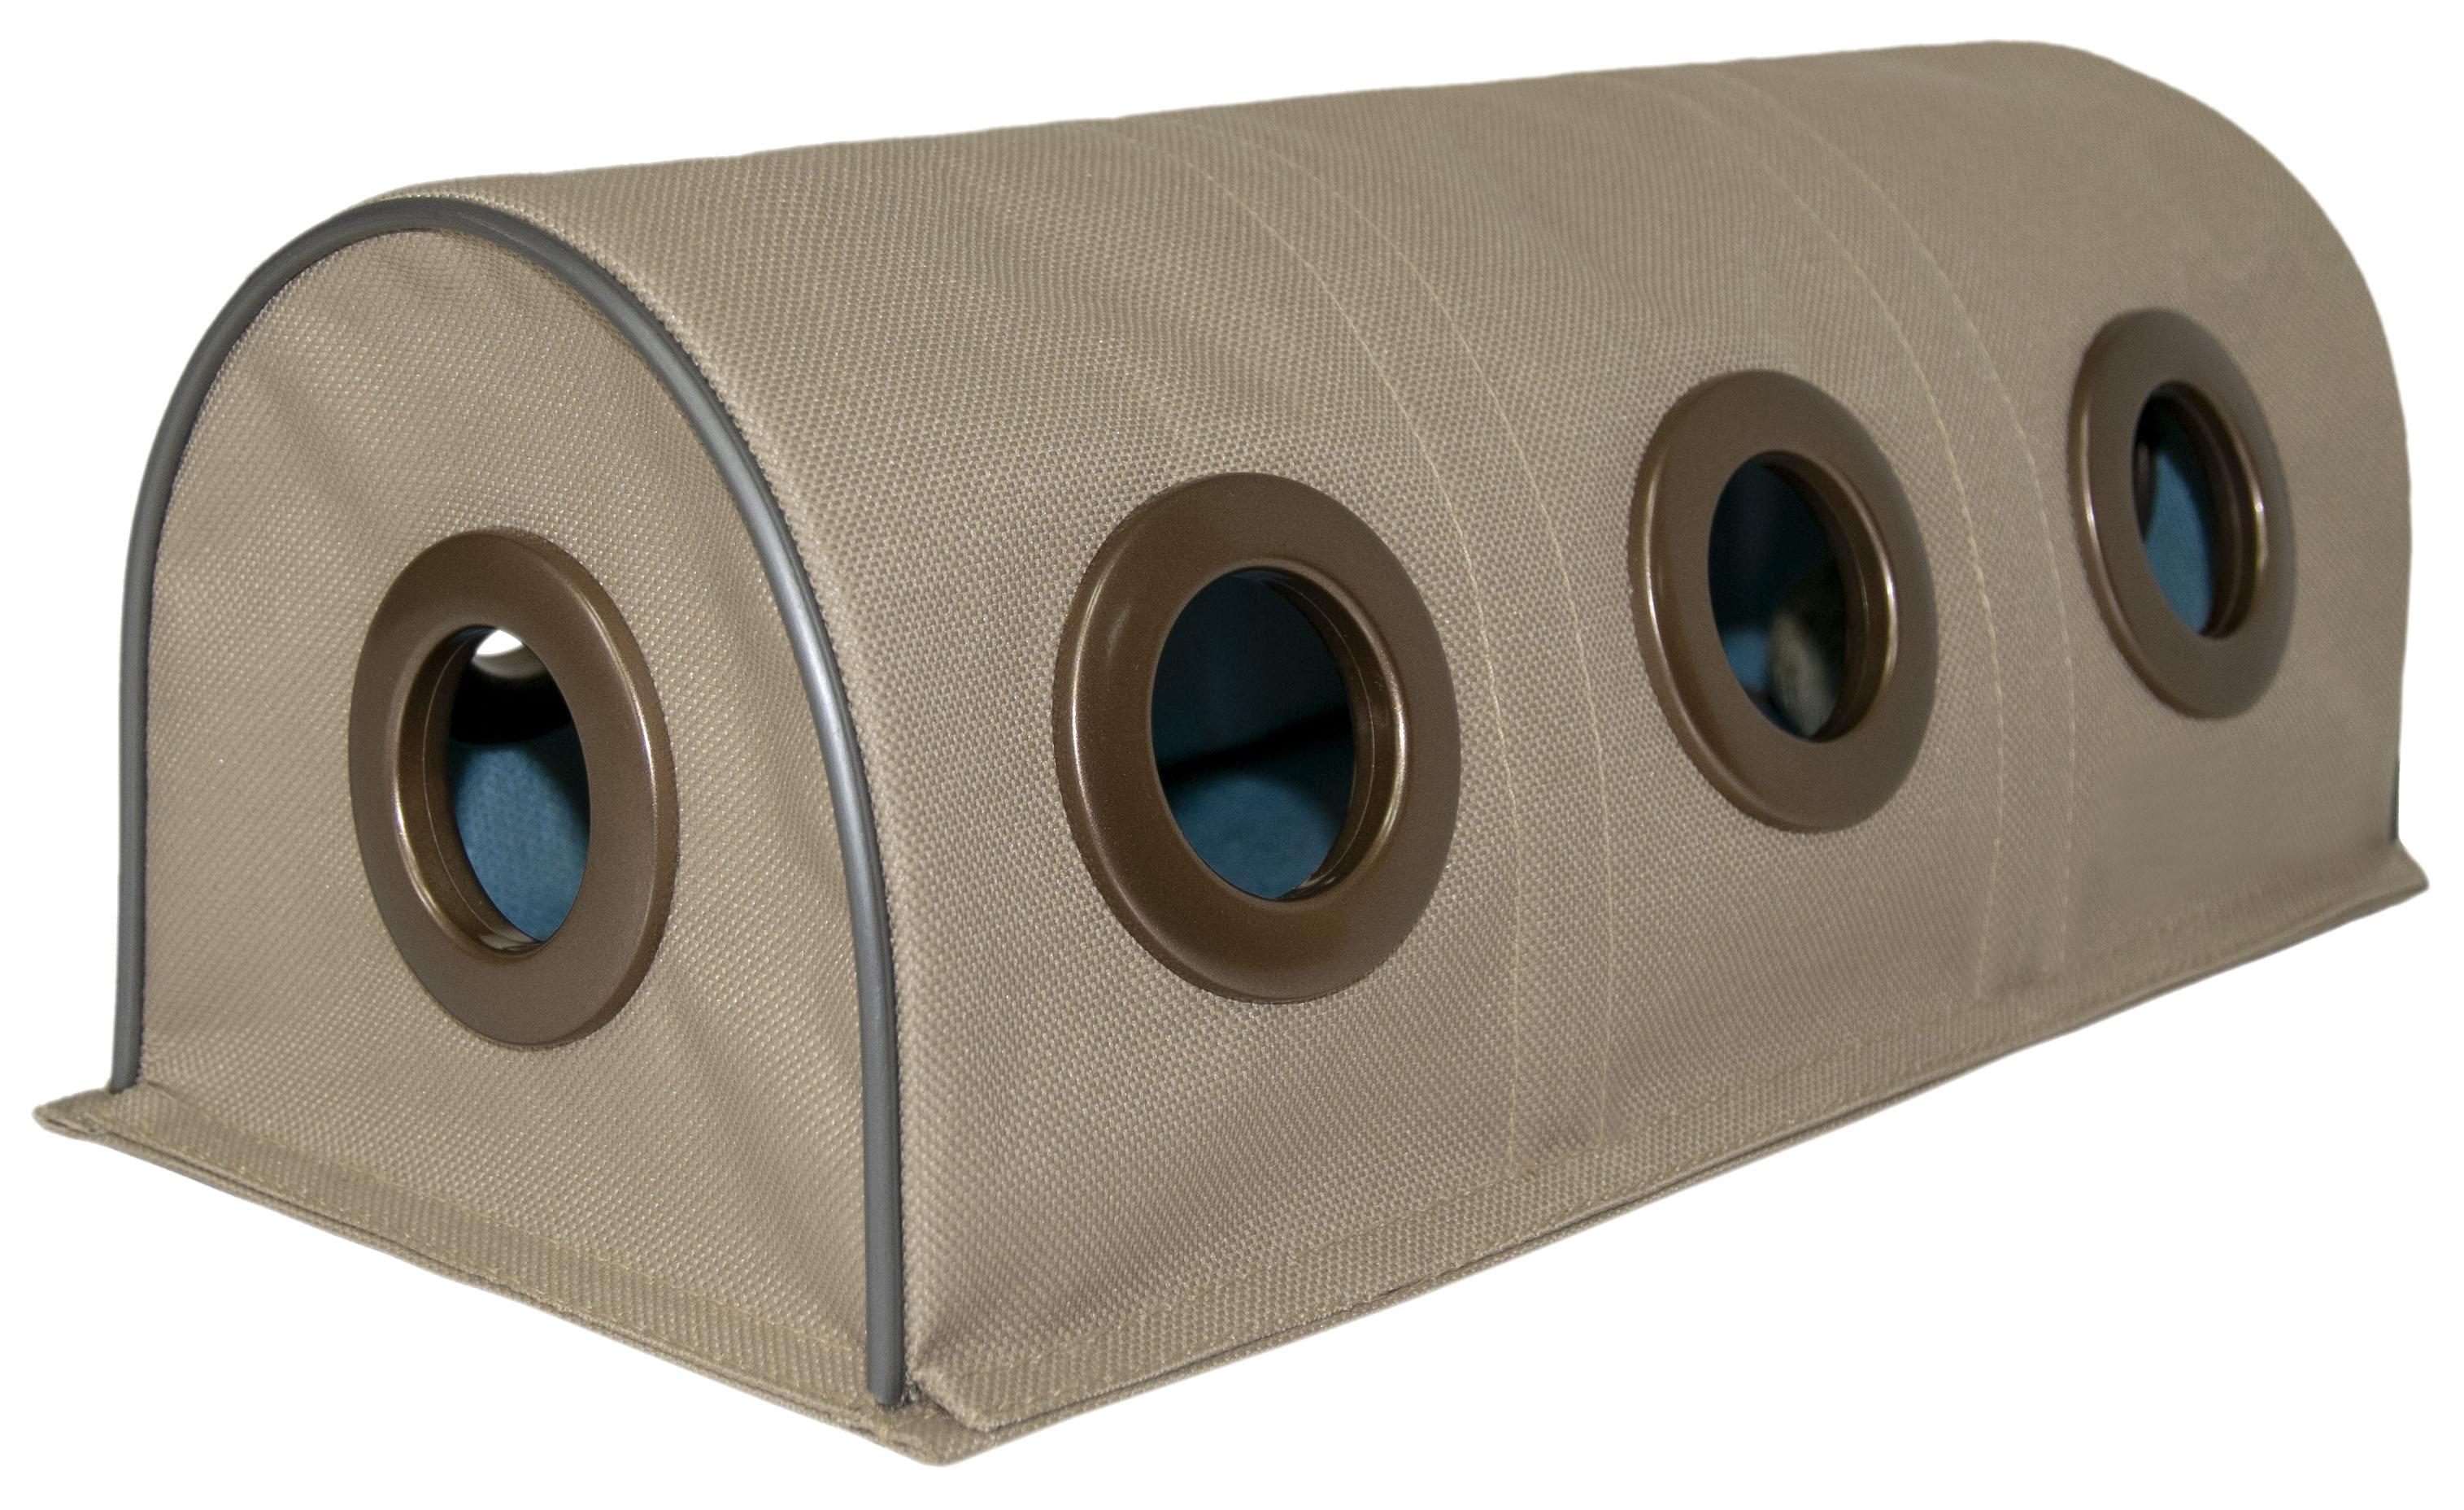 Тоннель для кошек Великий Кот, интерактивная игрушка, с мятным мячиком, бежевый